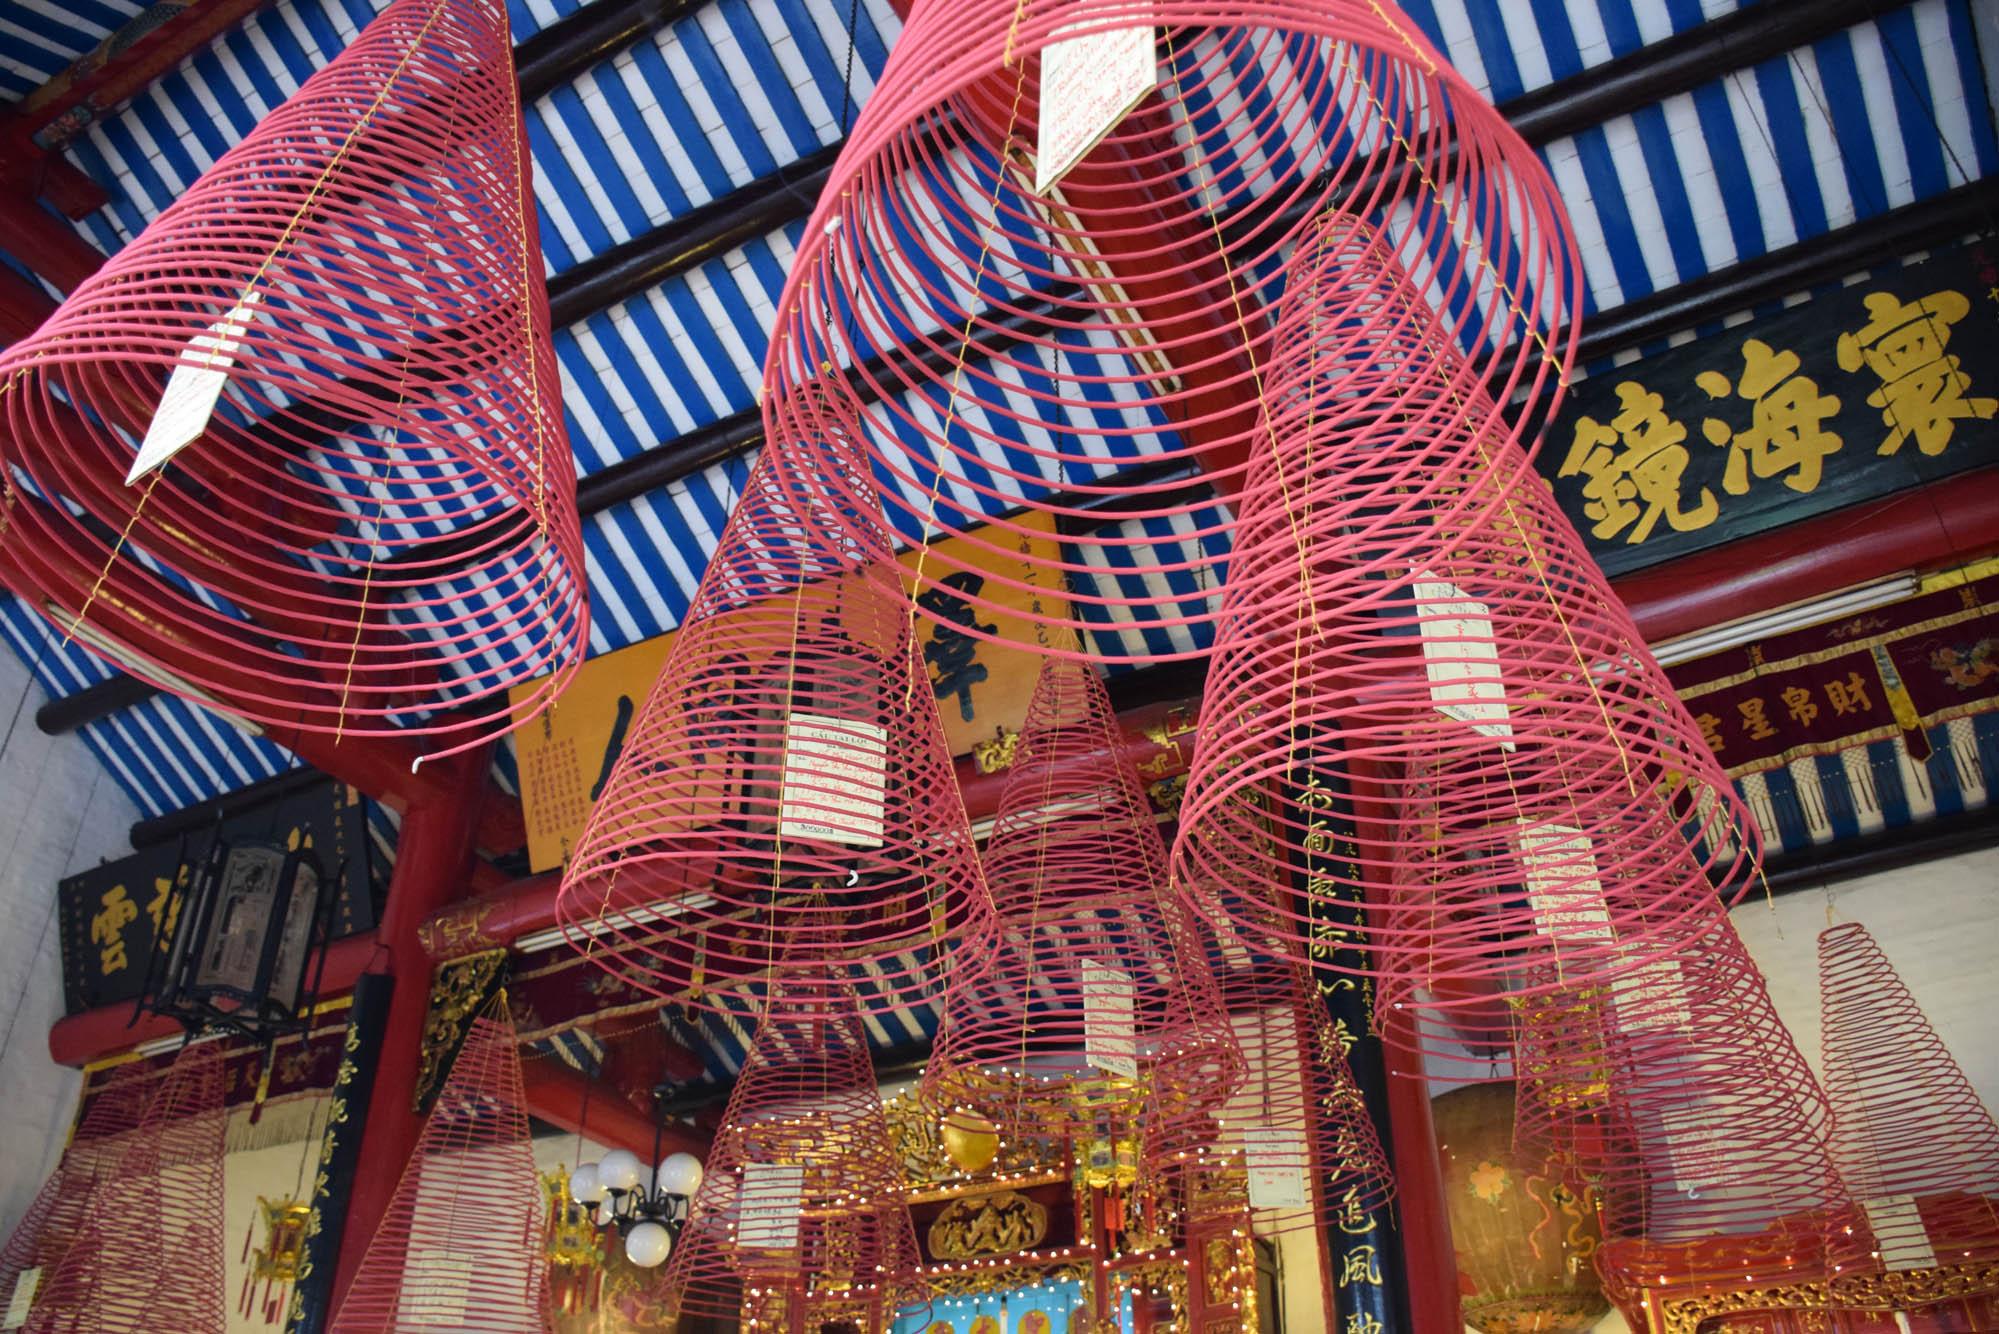 Os incensos em espiral pendurados no teto do templo